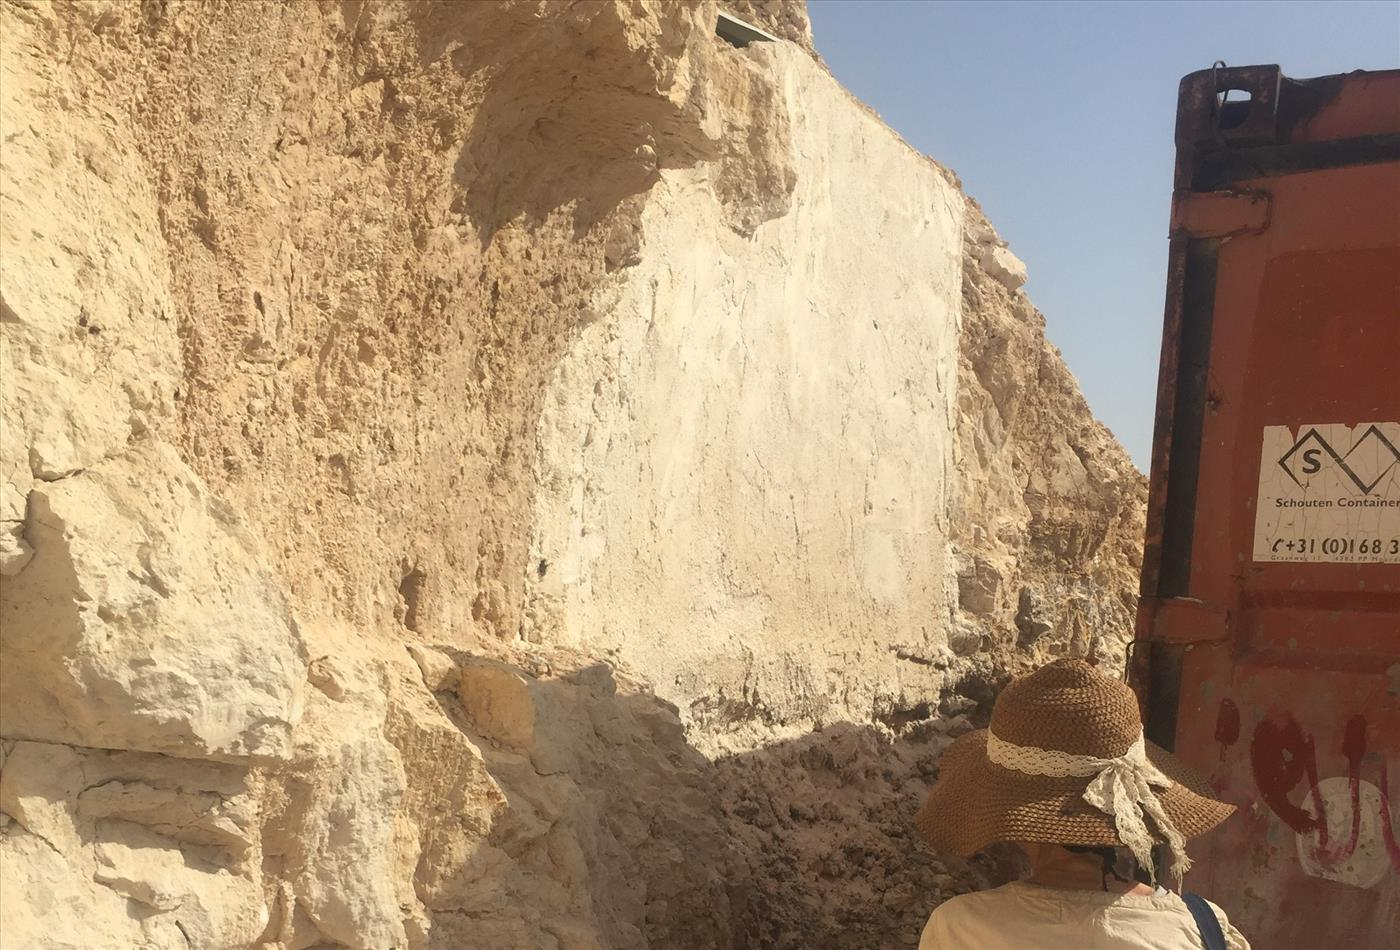 מערת הקבורה שנסתמה (תרבות ומורשת יריחו)  (תרבות ומורשת יריחו)